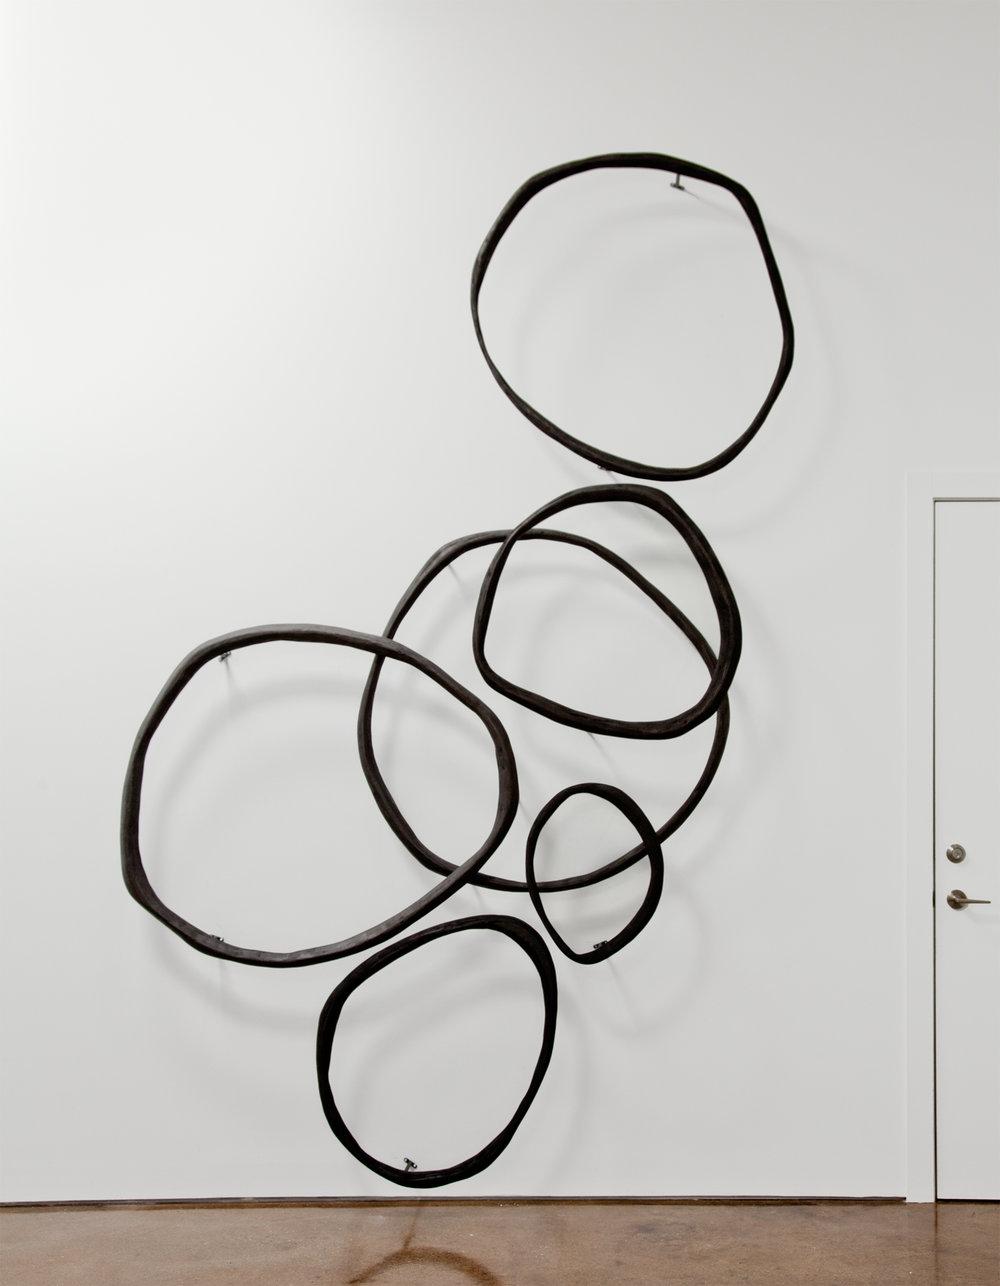 rings - wood, ink - variable dimension - 2018